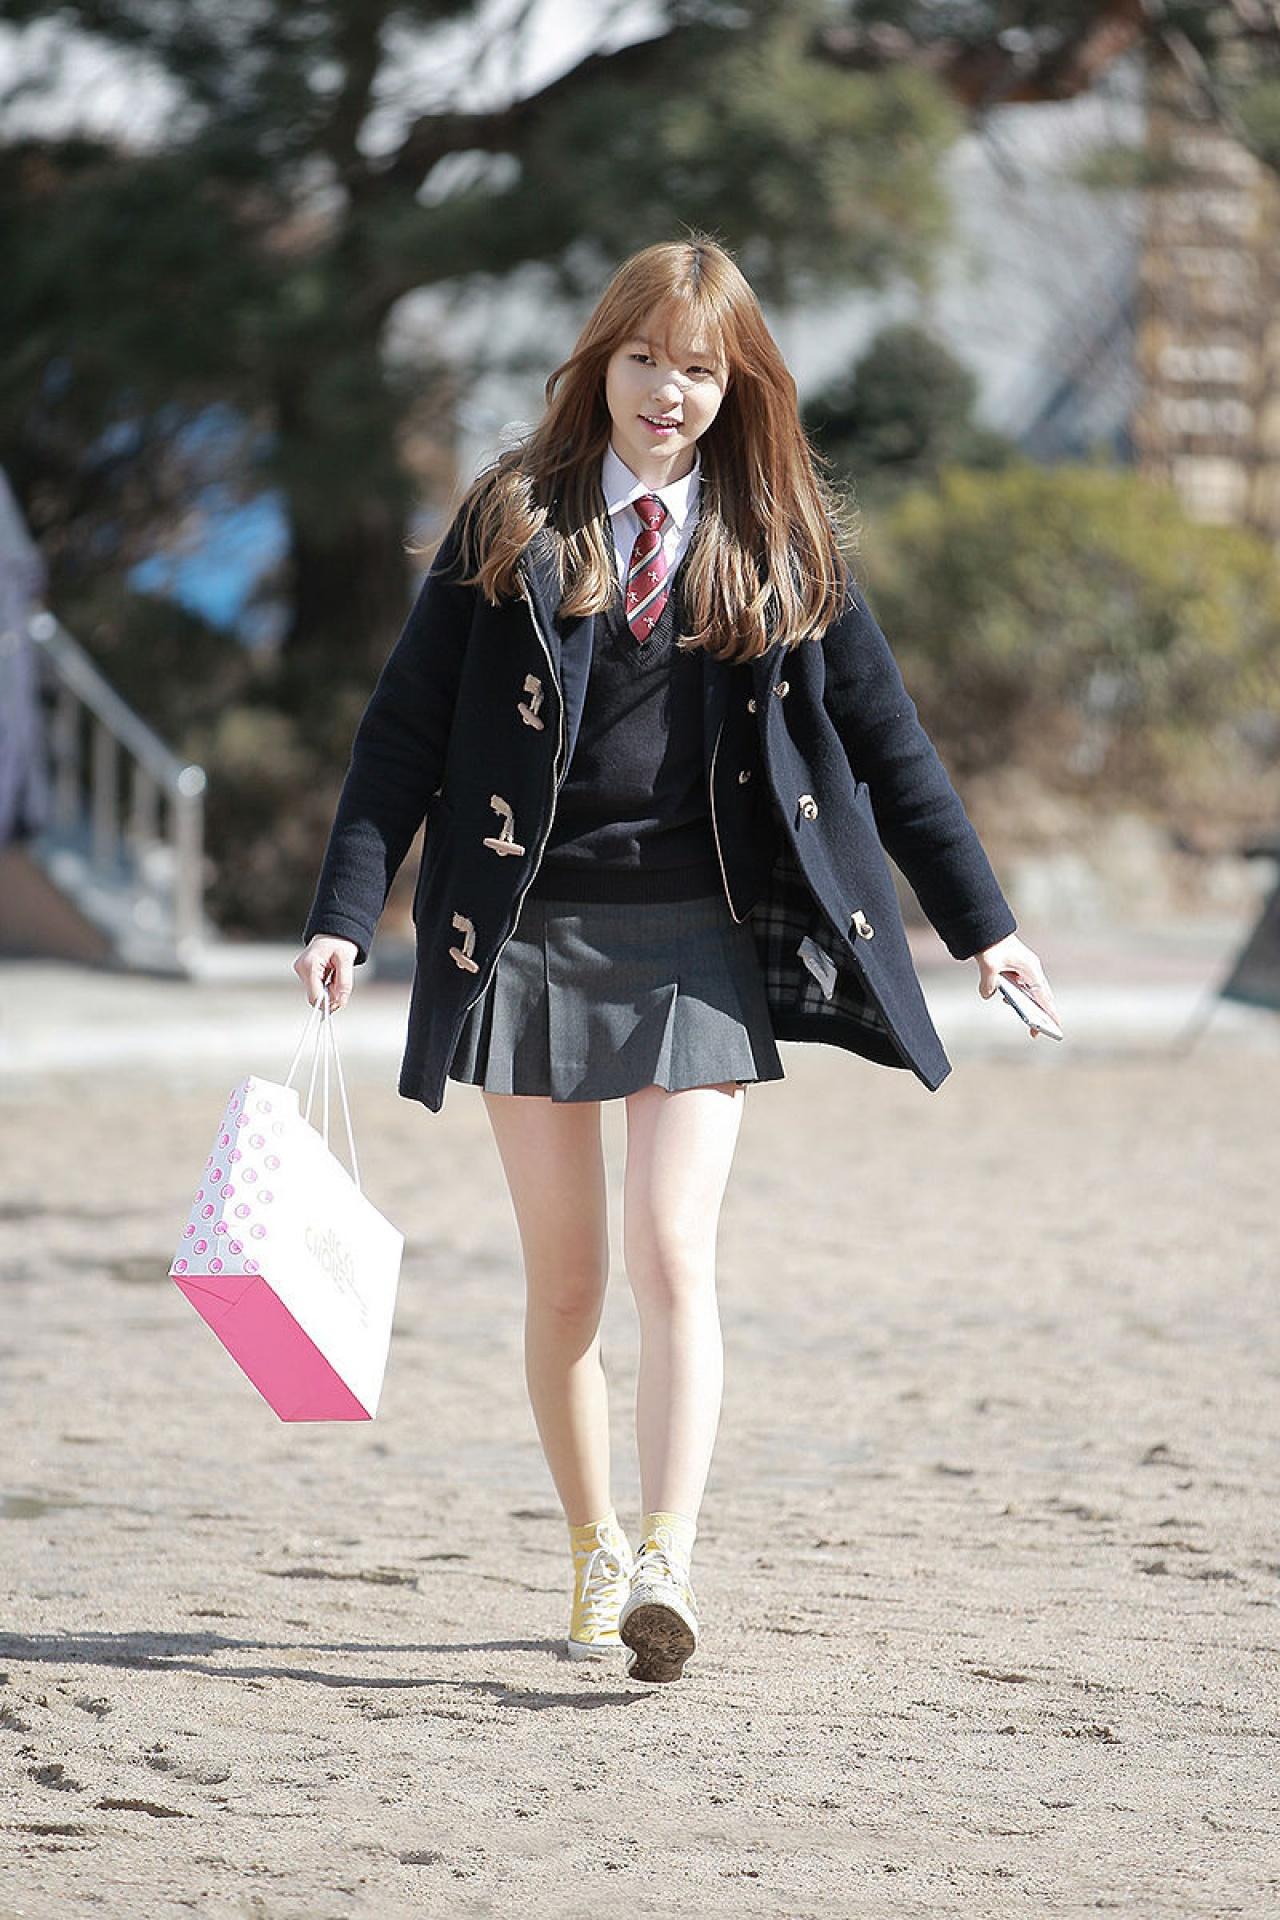 為何校裙只是短了一點,就是「做錯」?圖為韓國女生校服。(와사비/Wikipedia)